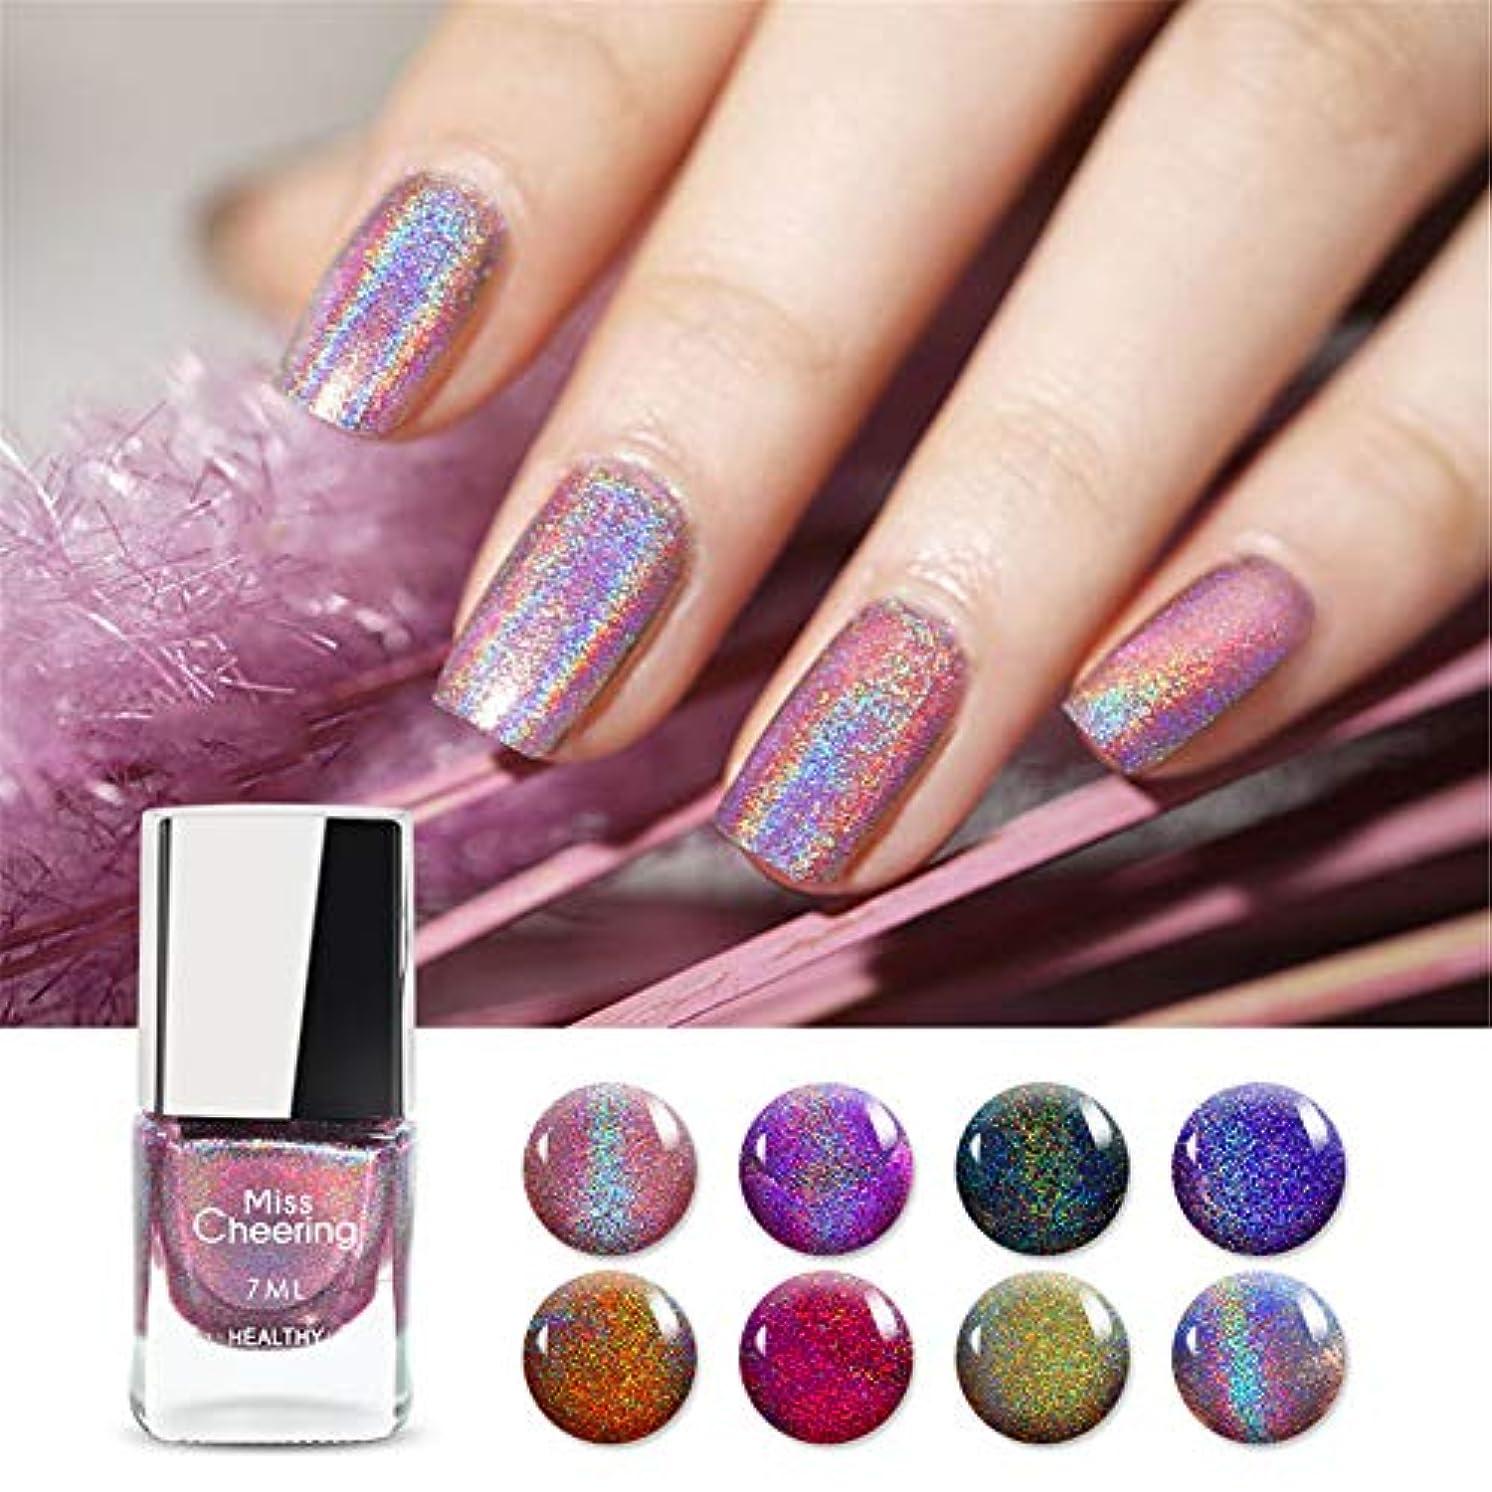 超輝きネイルカラーキラキラレーザーマニキュア ホロマニキュア カメレオン ネイルポリッシュ 眩しい虹色に輝く 7ml ホログリッター ネイルカラー 8色から選べ (3)